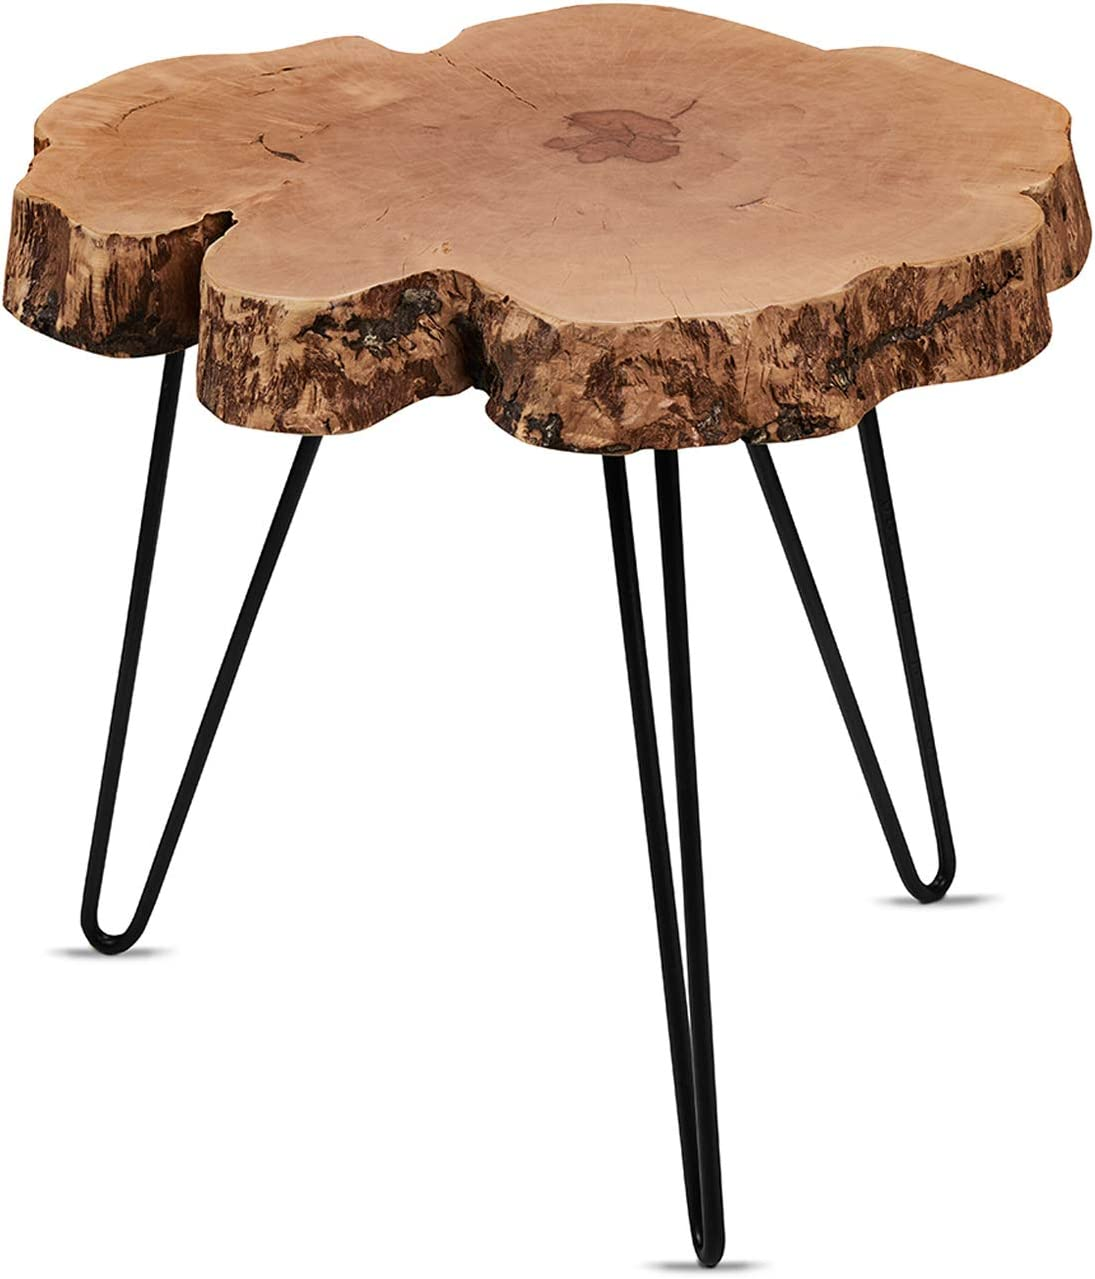 Cander Berlin MNT 0240 Beistelltisch Abstelltisch Couchtisch Litschi (40 45) x 45 cm Baumscheibe Massivholz Sofatisch Kaffeetisch Metall Natur rund